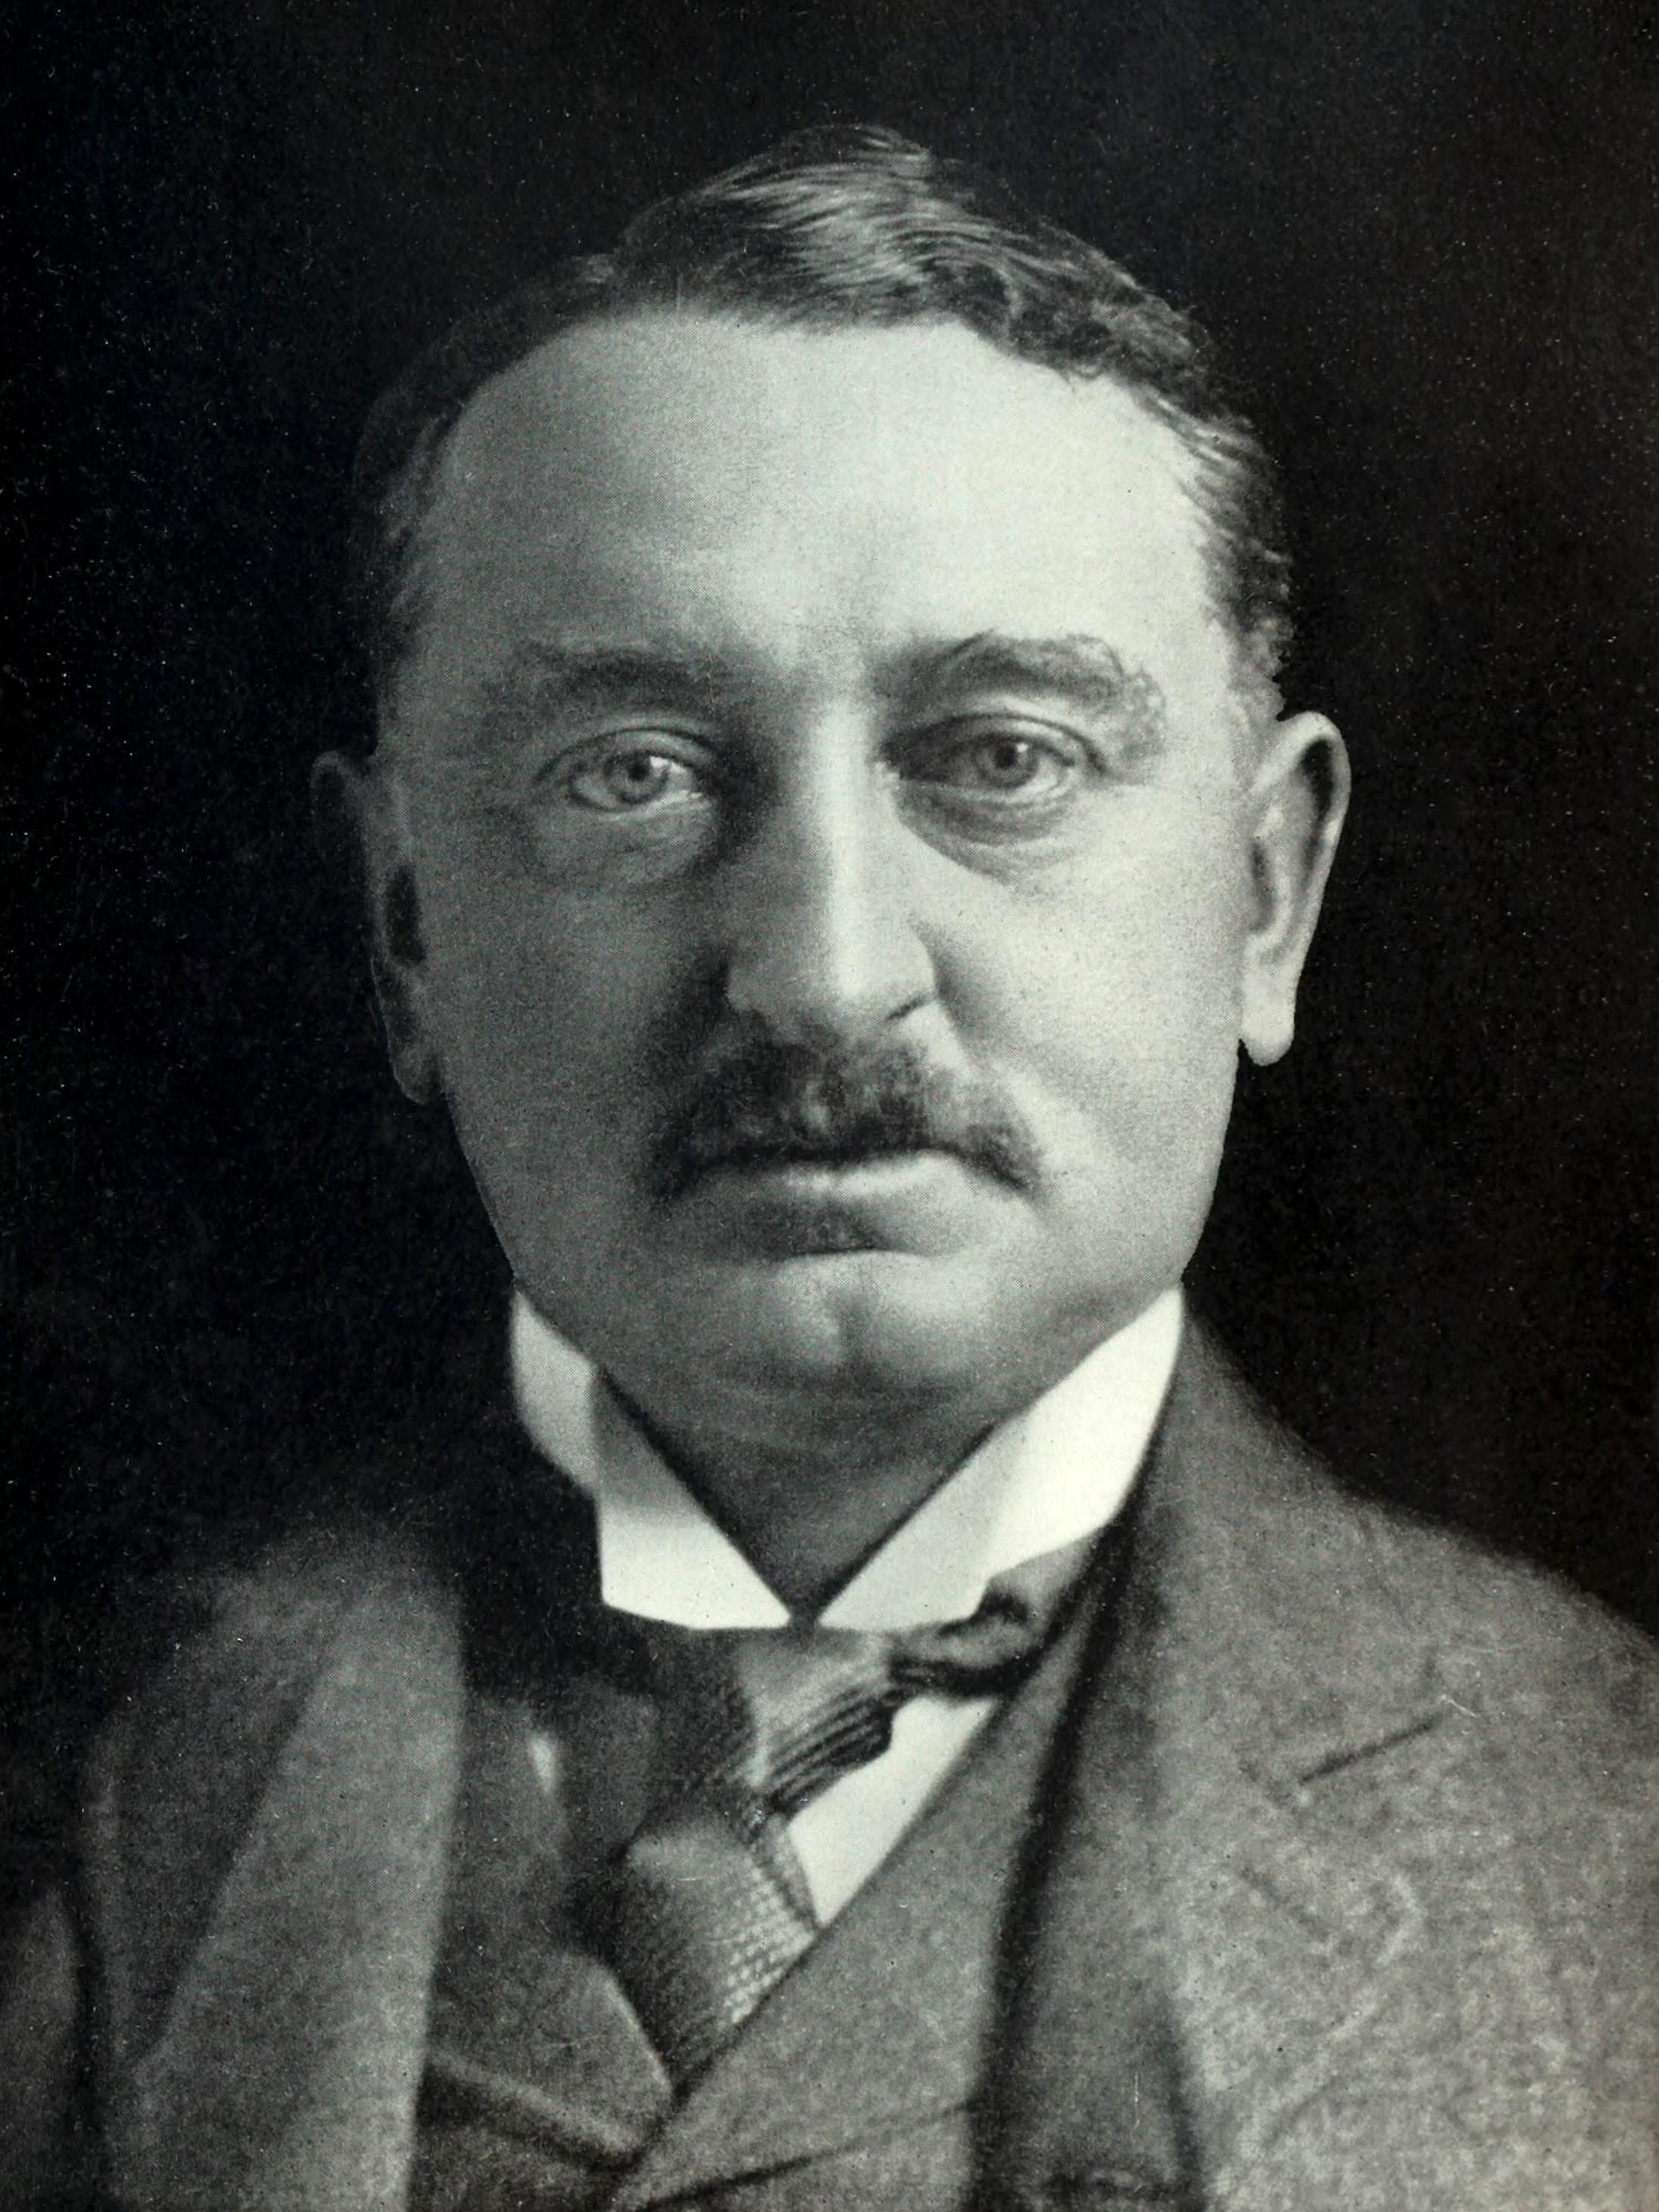 Don Edward Beck